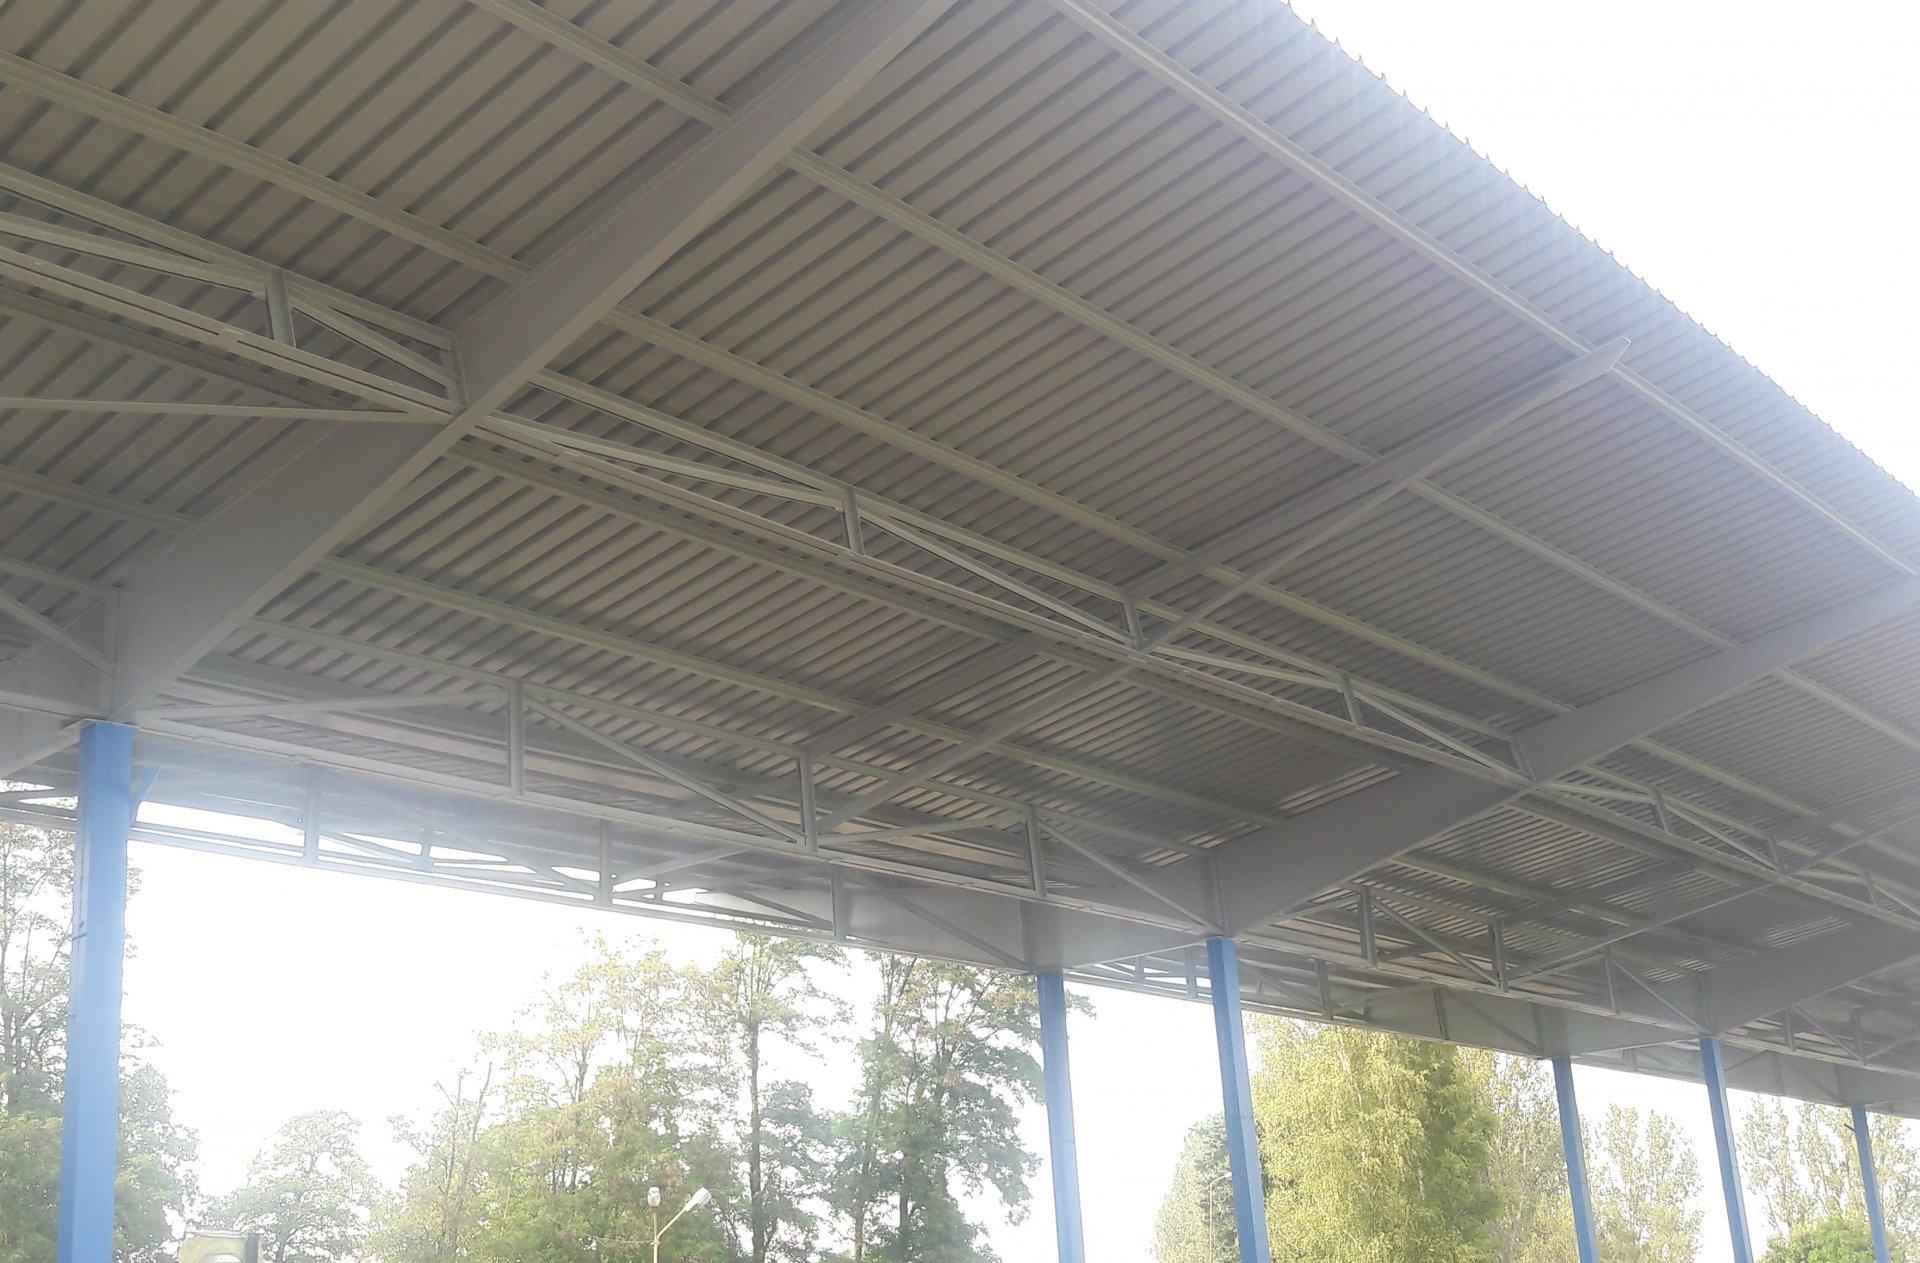 malowanie konstrukcji nośnej dachu